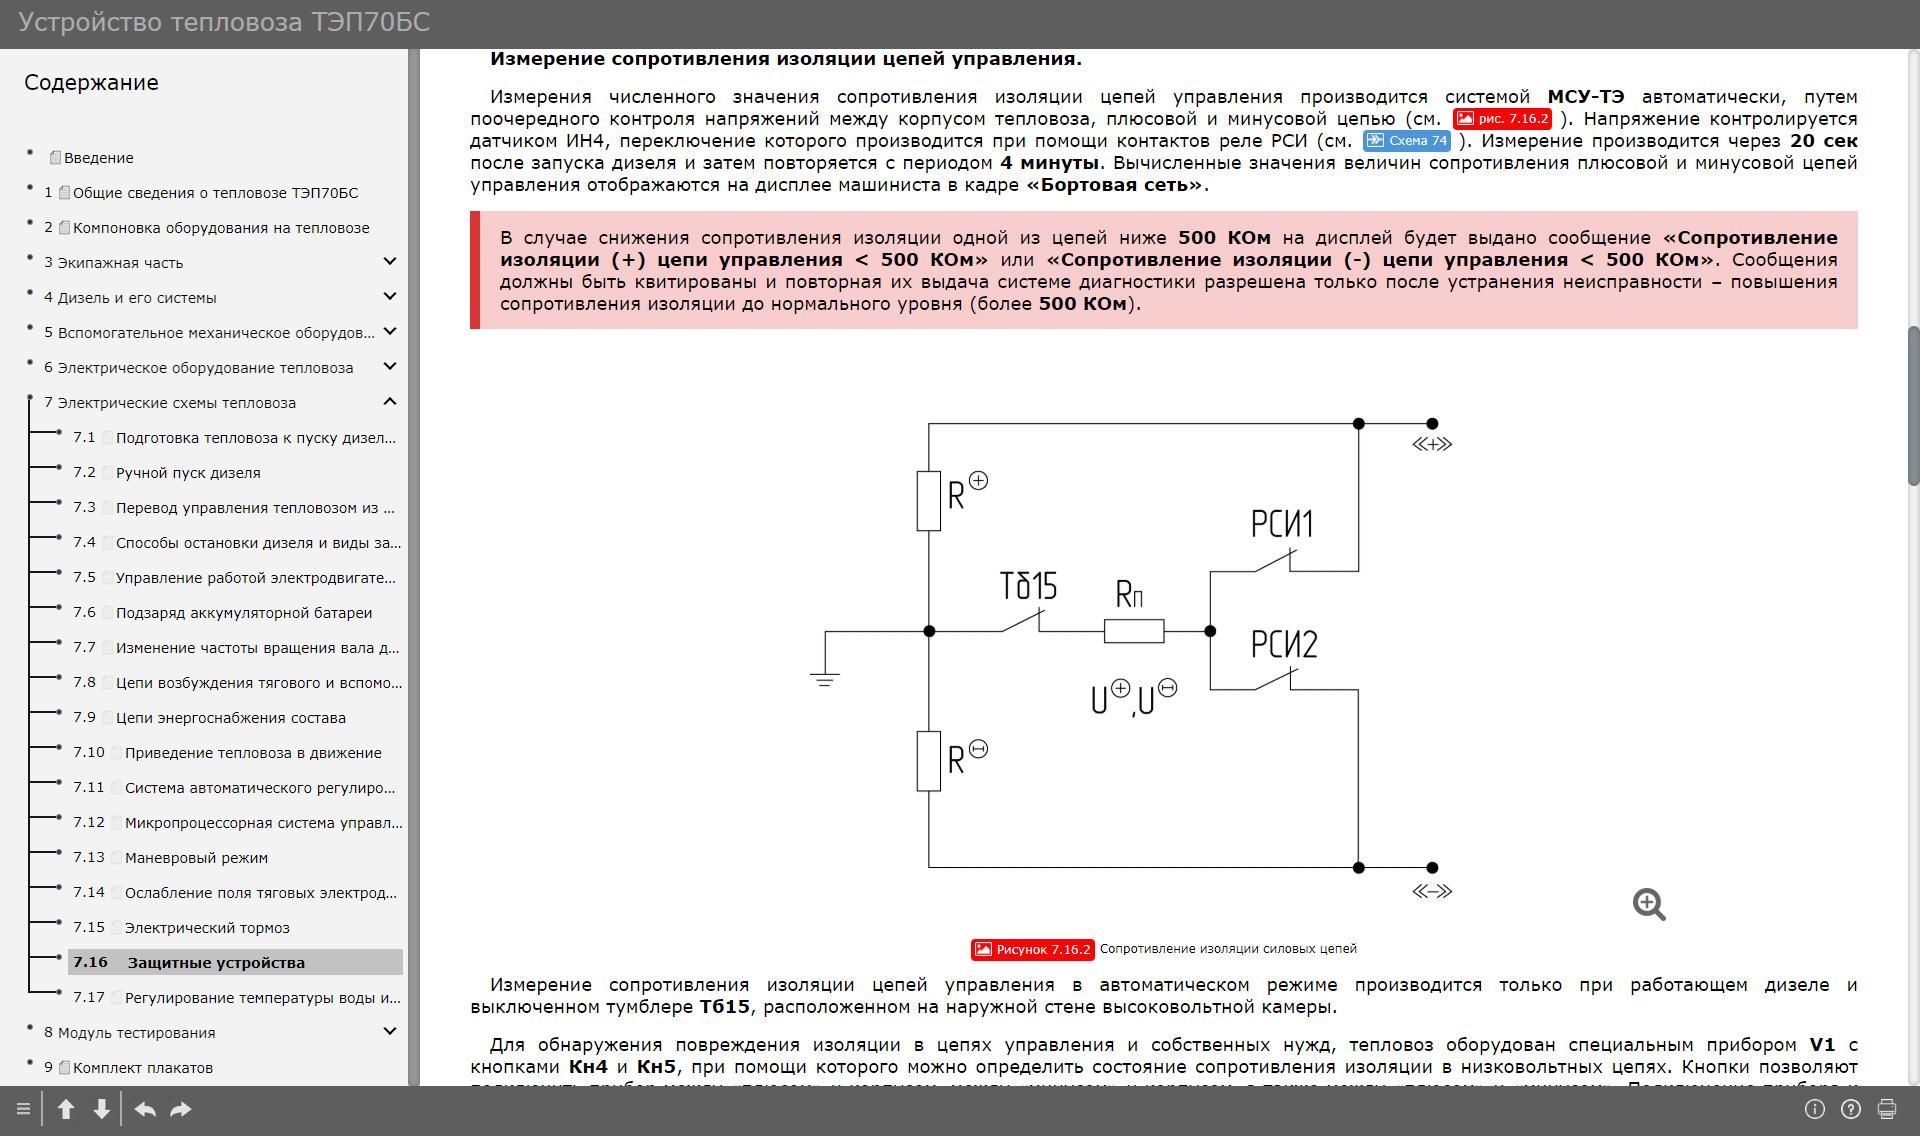 tep70bs 018 Электронный учебный комплекс «Устройство тепловоза ТЭП70БС»